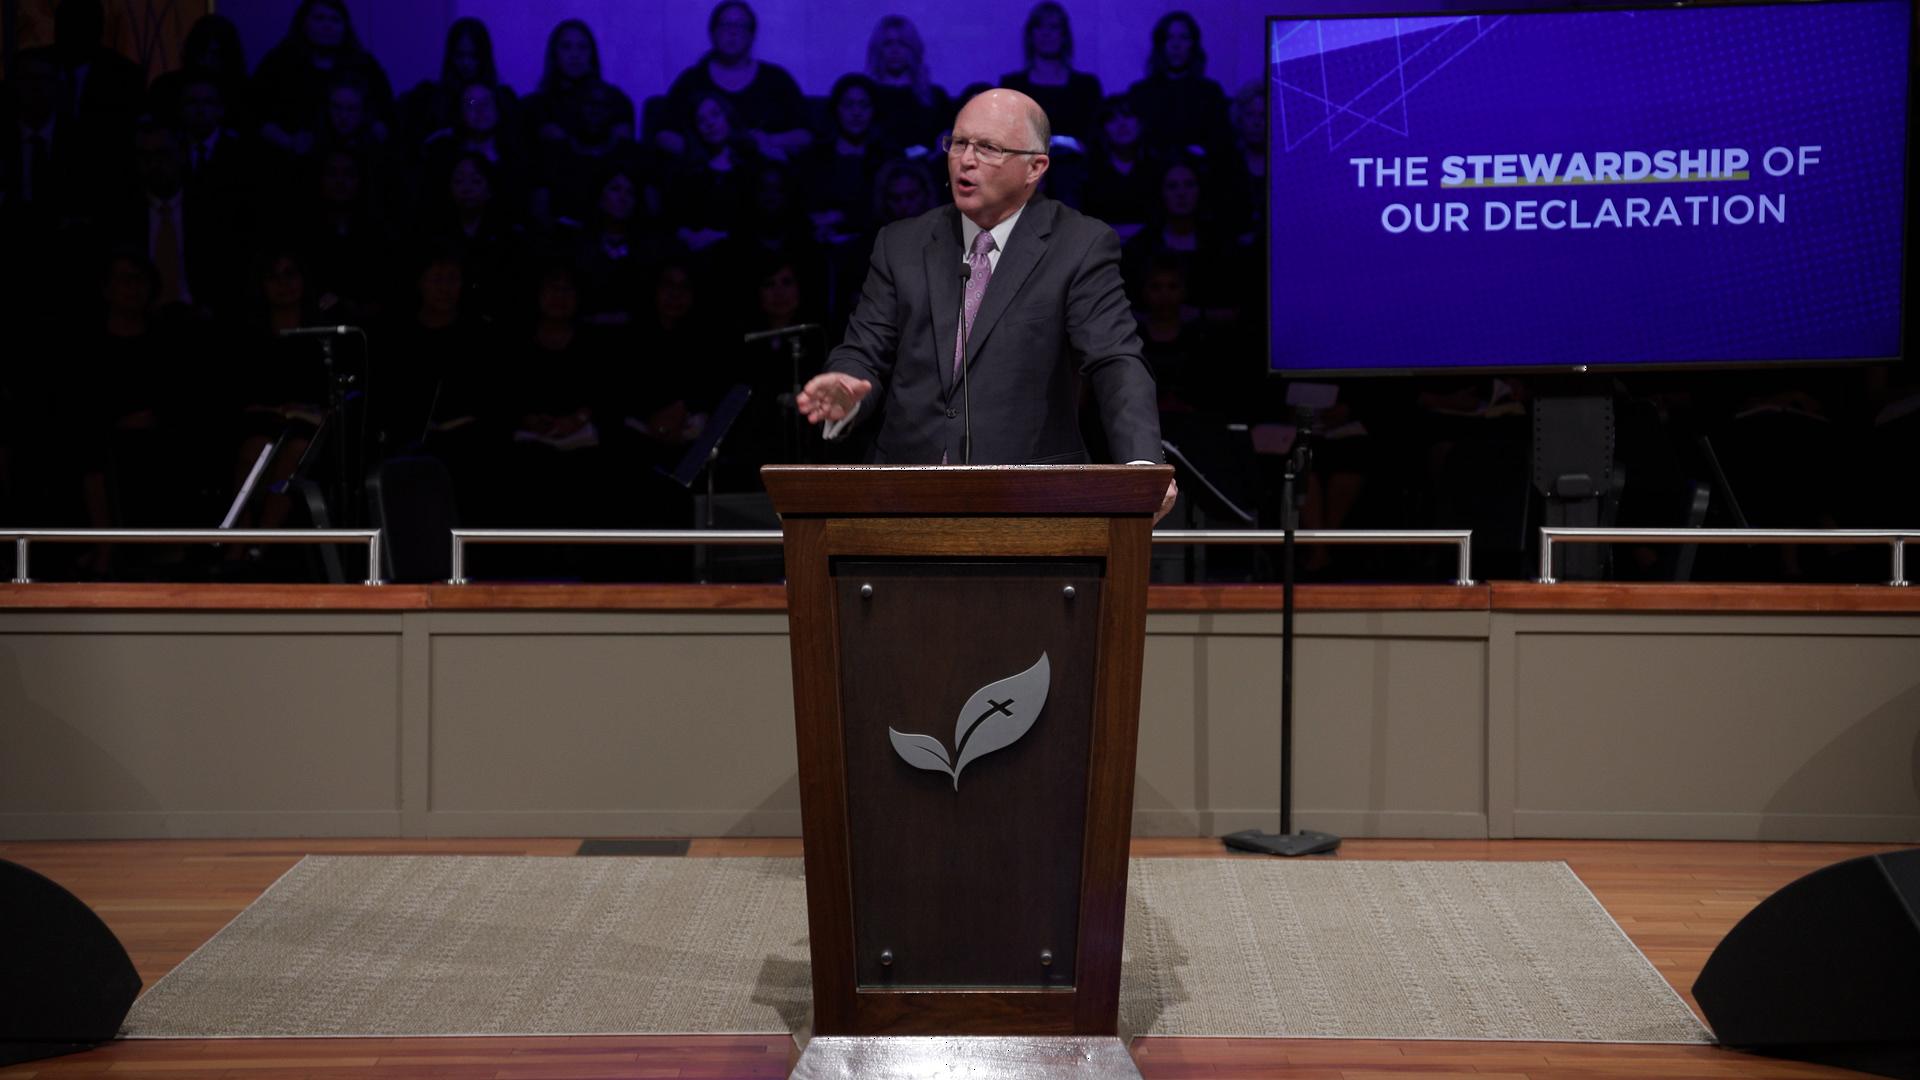 Pastor Paul Chappell: Declare the Gospel